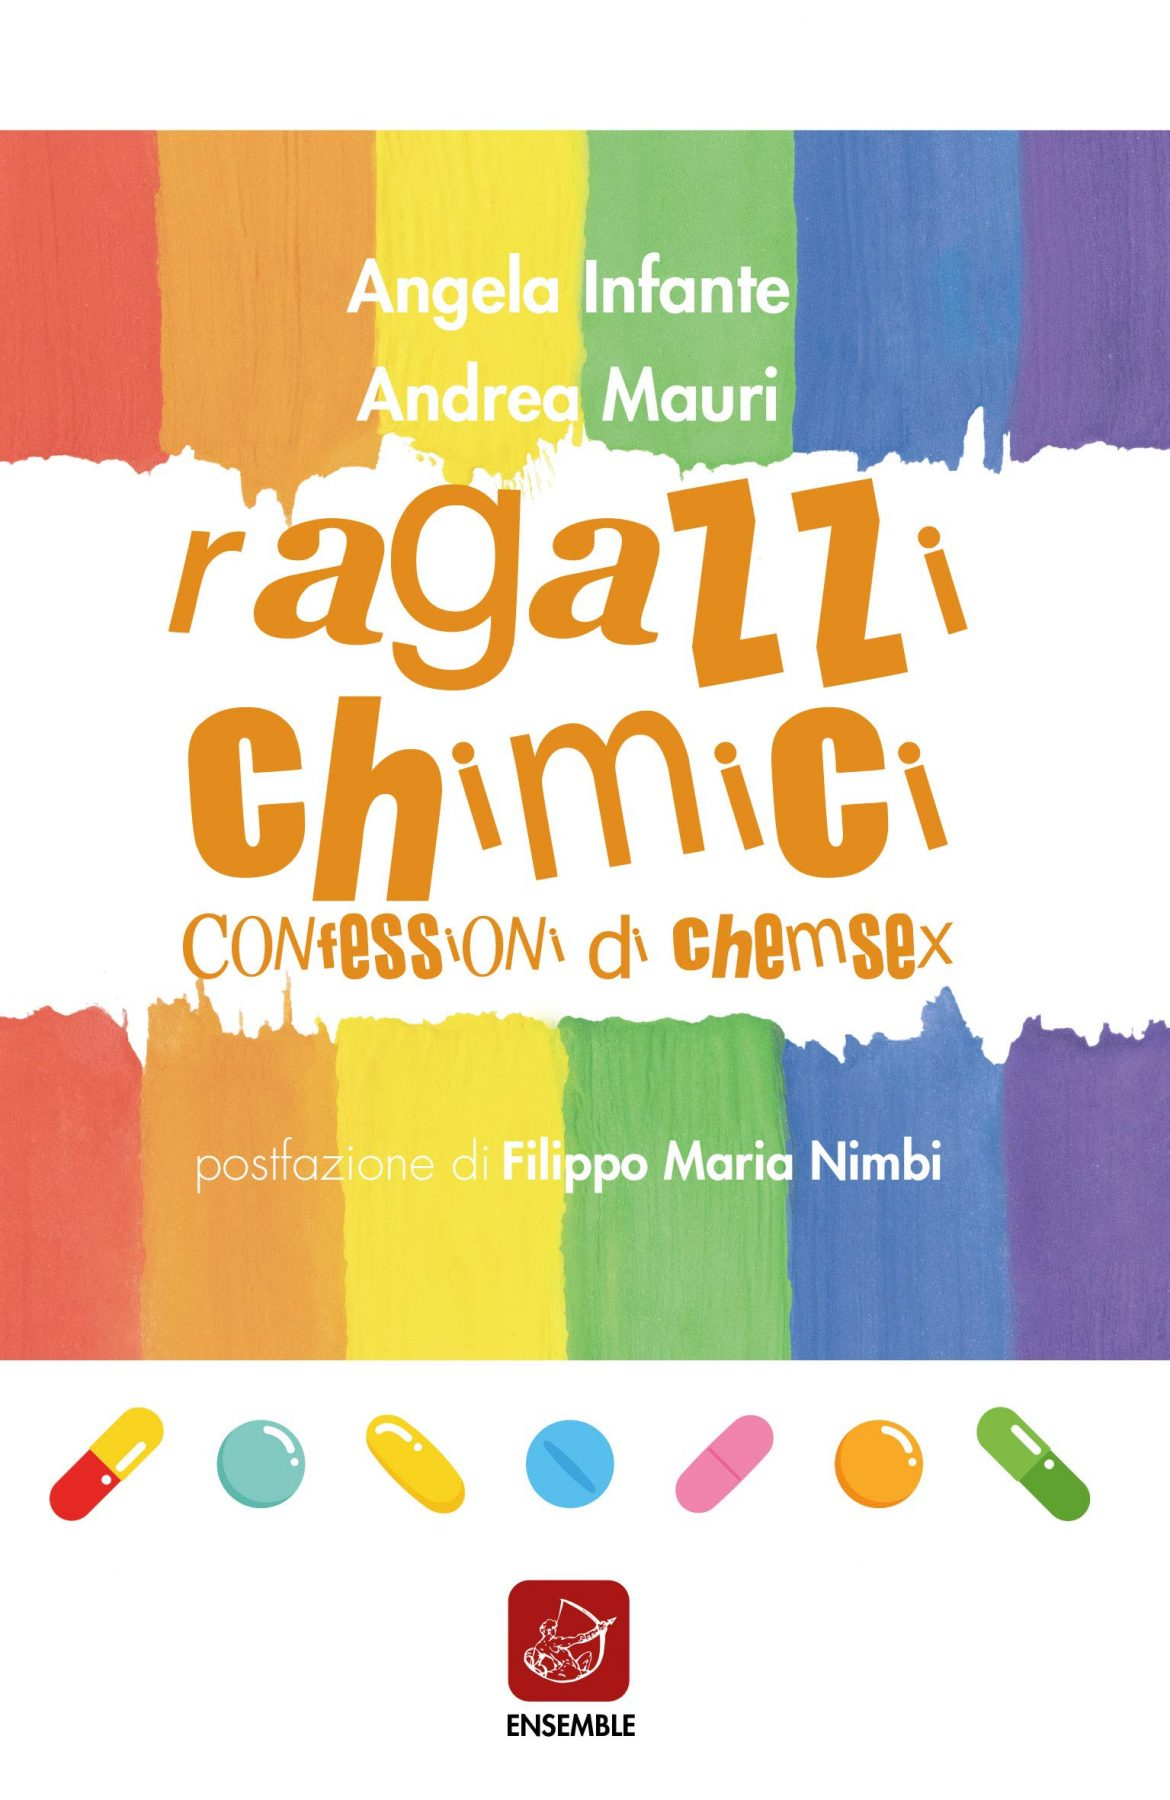 Recensione di Ragazzi Chimici, Confessioni di Chemsex – Andrea Mauri